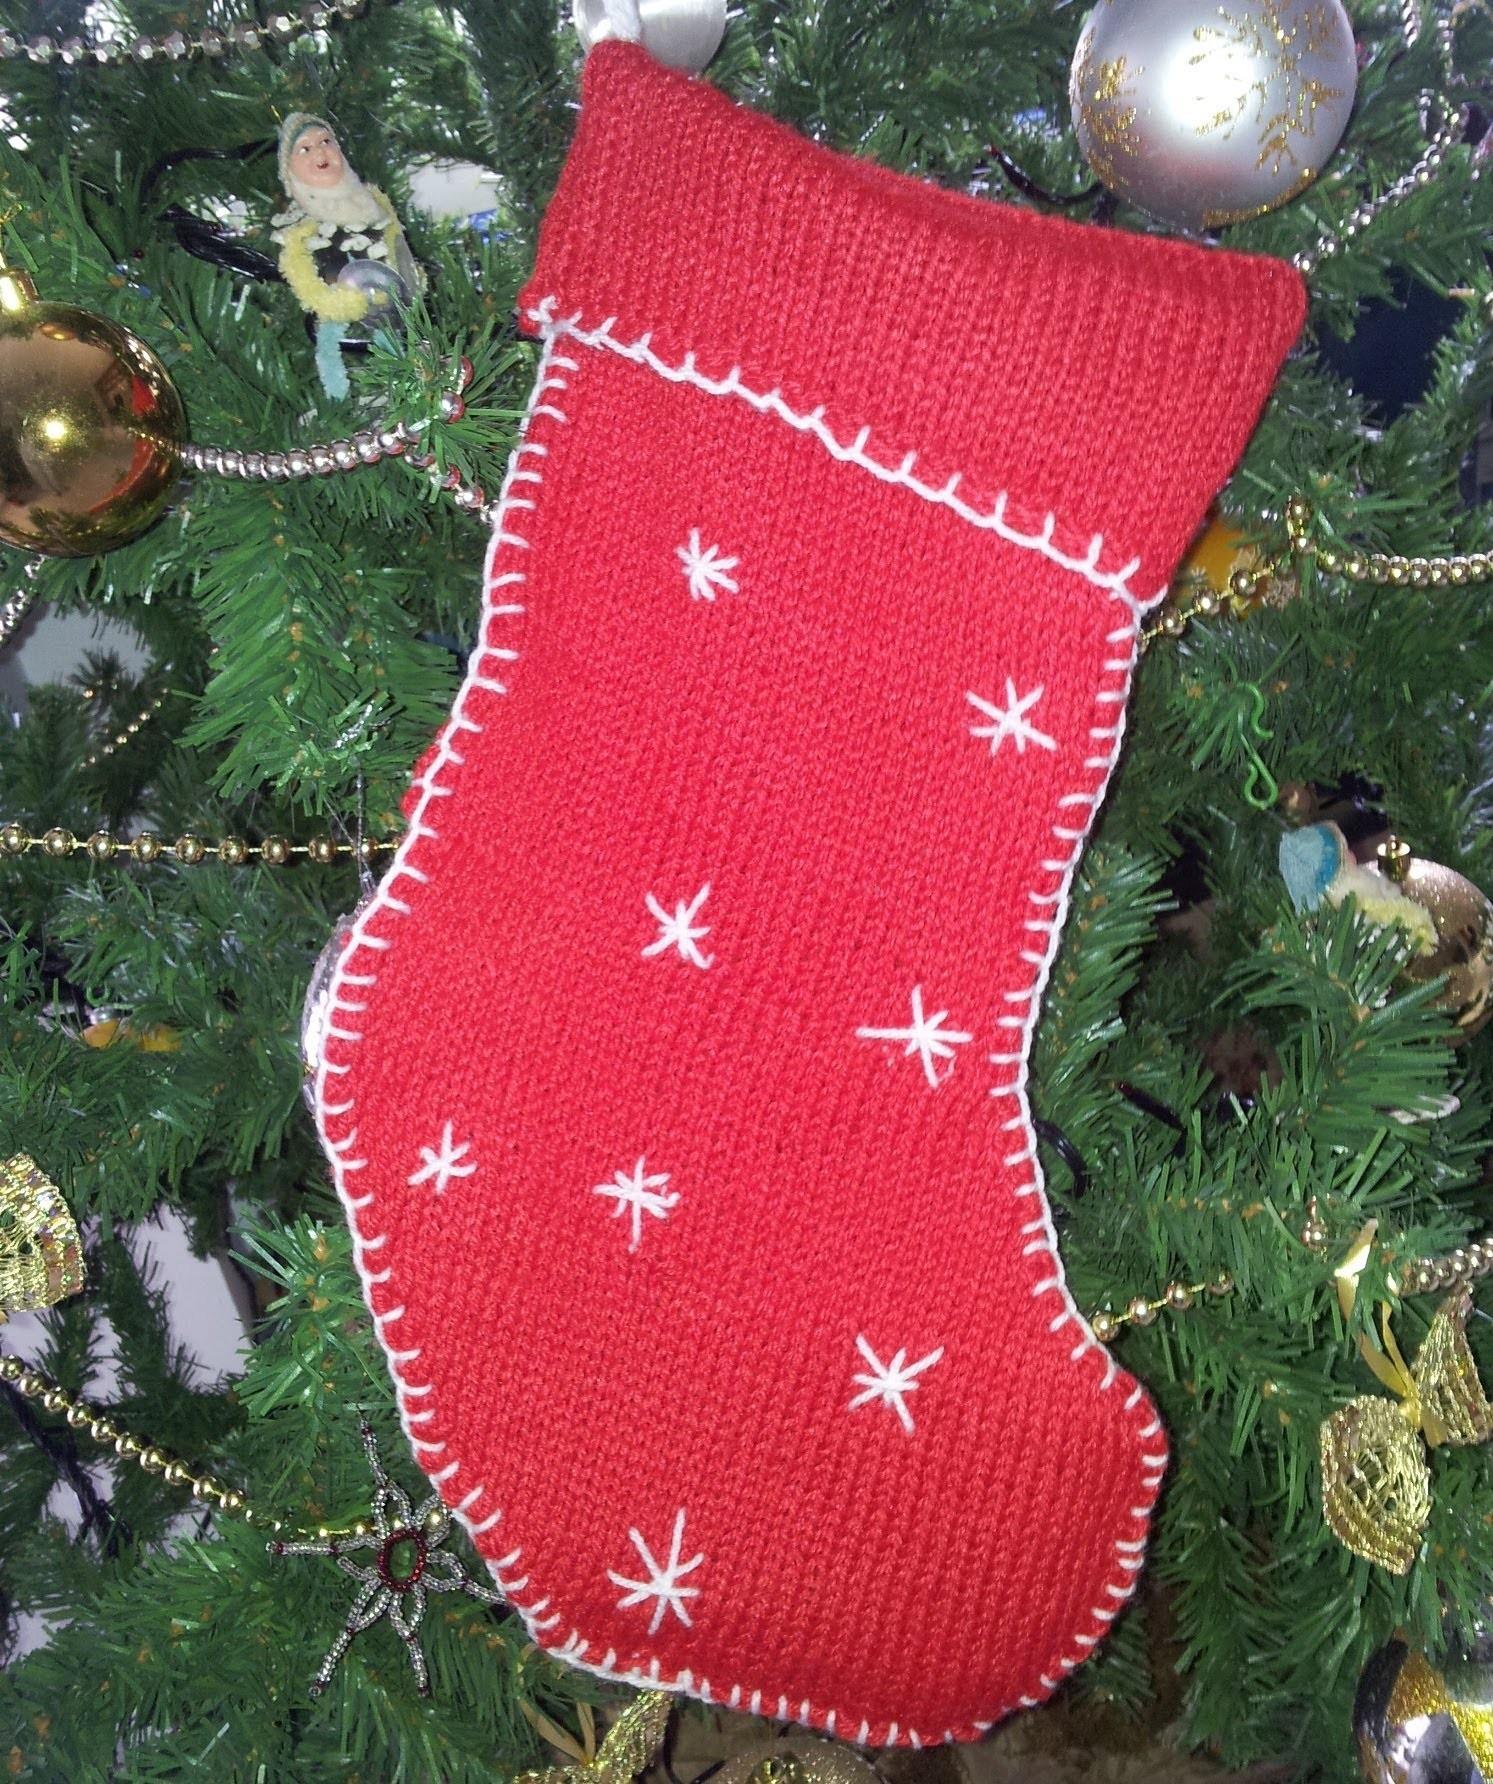 DIY TUTORIAL: LA CALZA DELLA BEFANA PARTE 2 di 3 How to knit Epiphany sock AUMENTI DIMINUZIONI